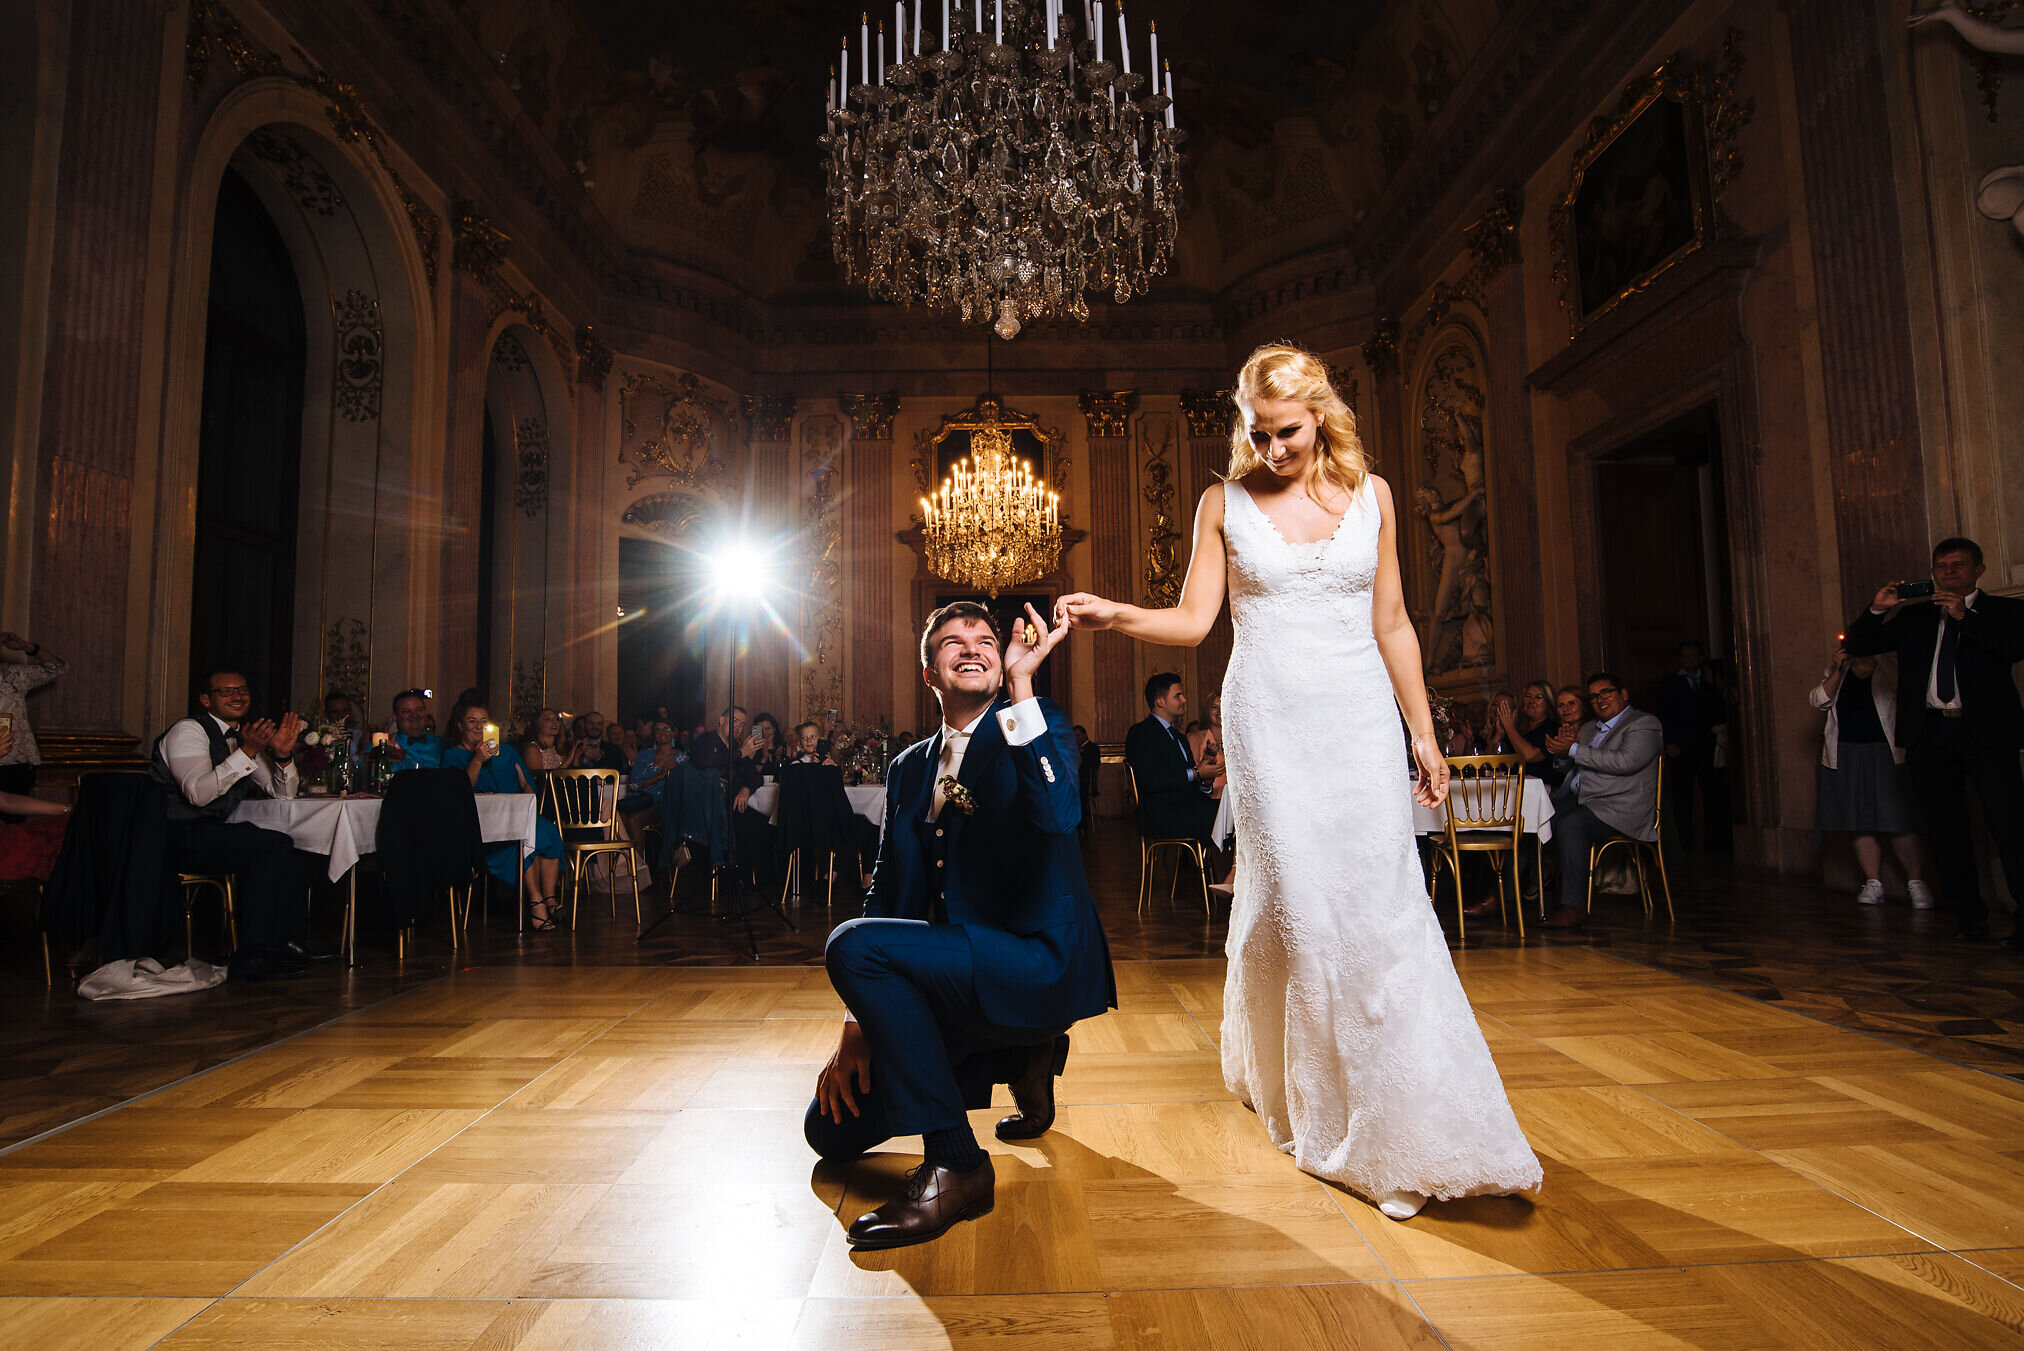 Hochzeit-Schloss-Eckartsau-91.jpg